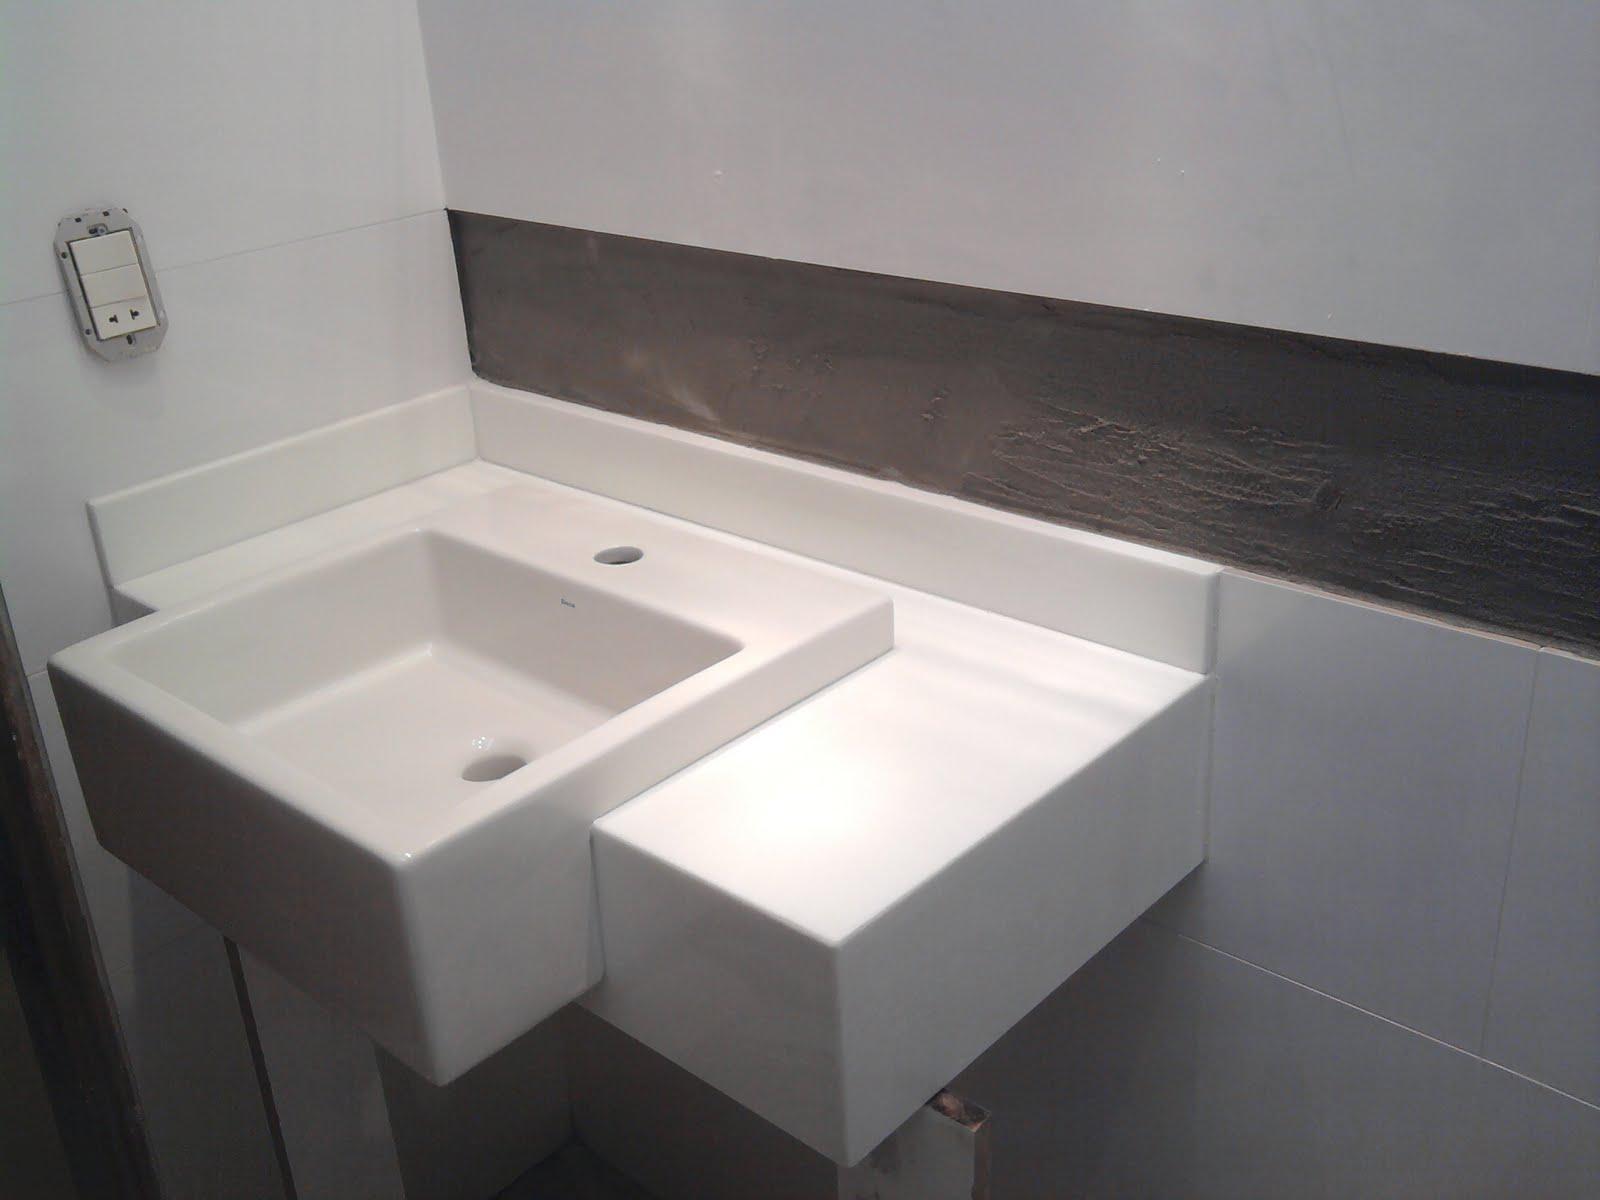 NOSSO PEQUENO AP: Bancadinha do banheiro linda linda #726259 1600x1200 Bancada Banheiro Saia